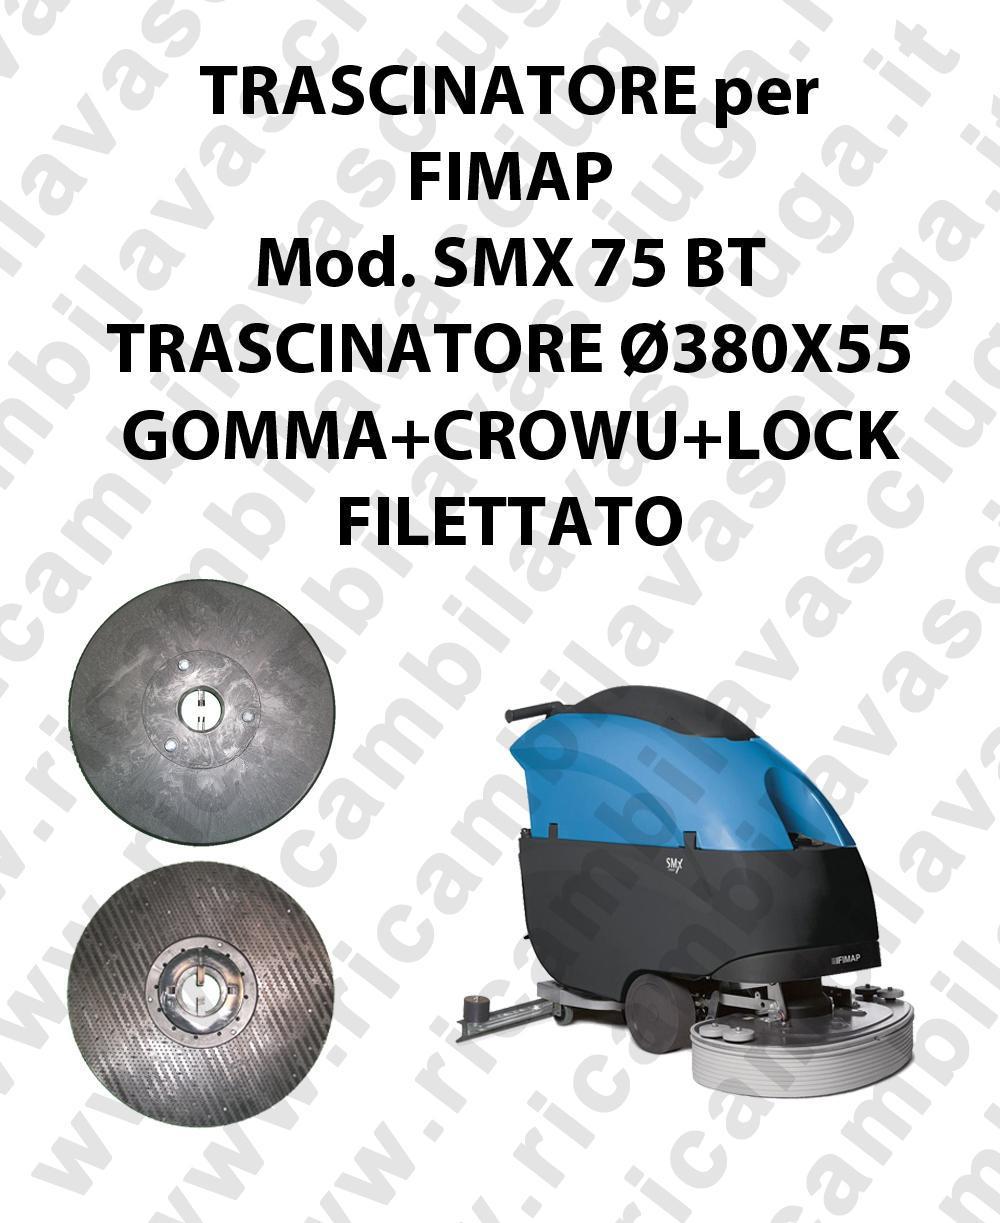 Discos de arrastre para fregadora FIMAP modelo SMX 75